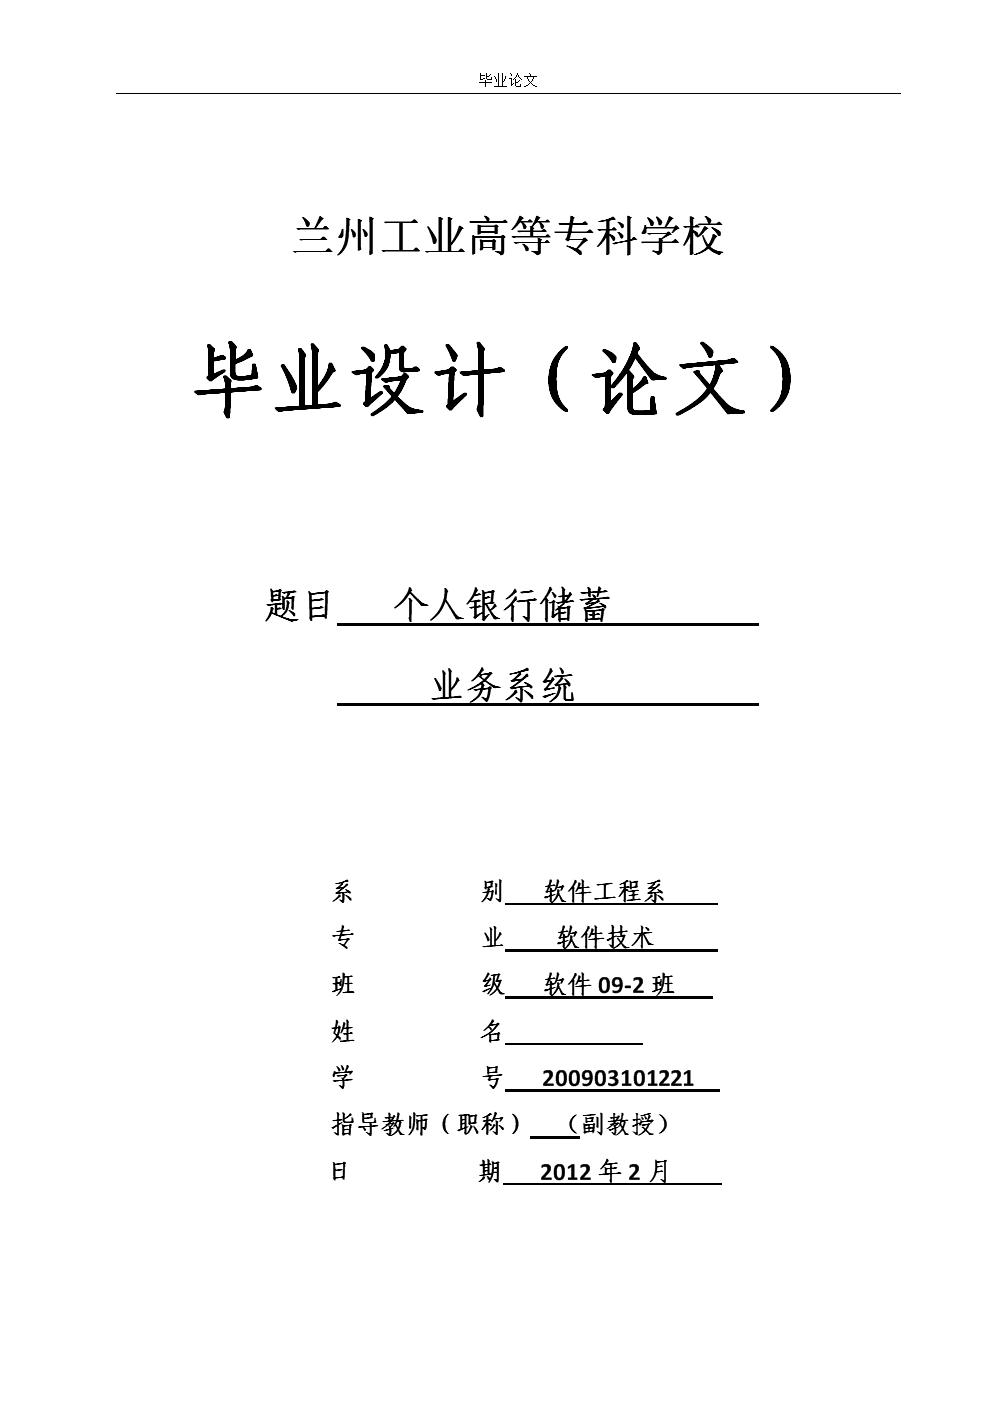 个人银行储蓄业务系统-毕业论文(设计).doc